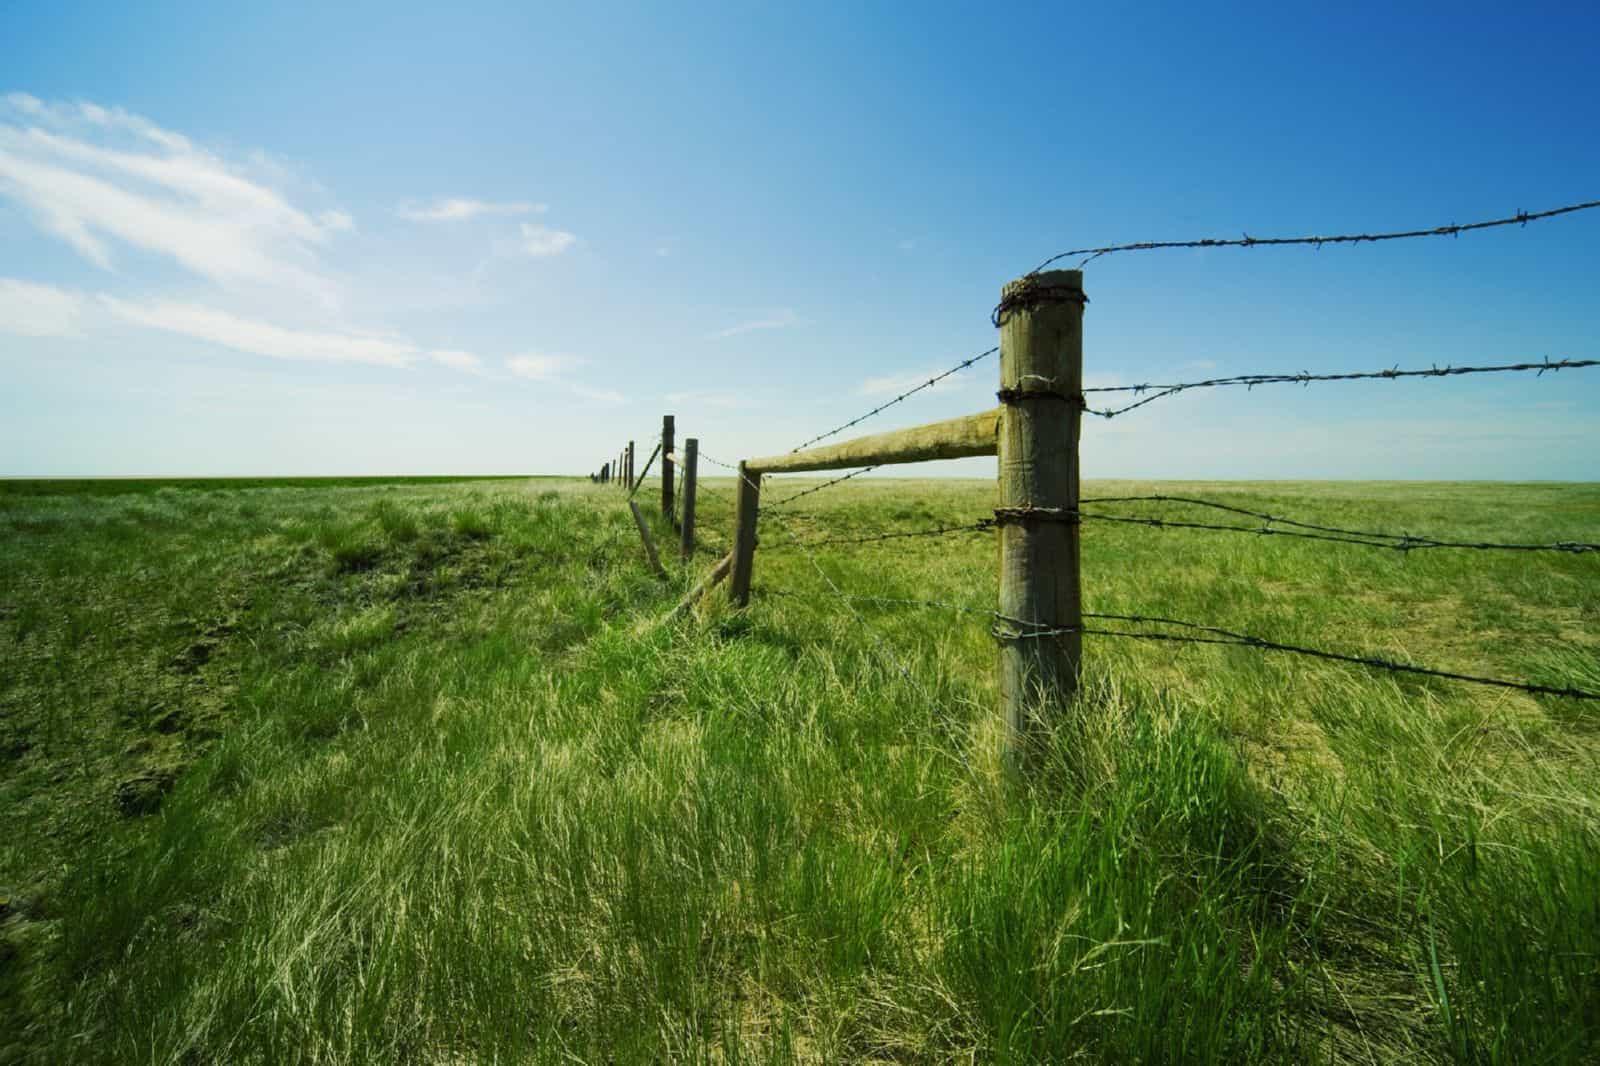 Земельный участок без координат и границ - что это значит, что делать, если границы не установлены